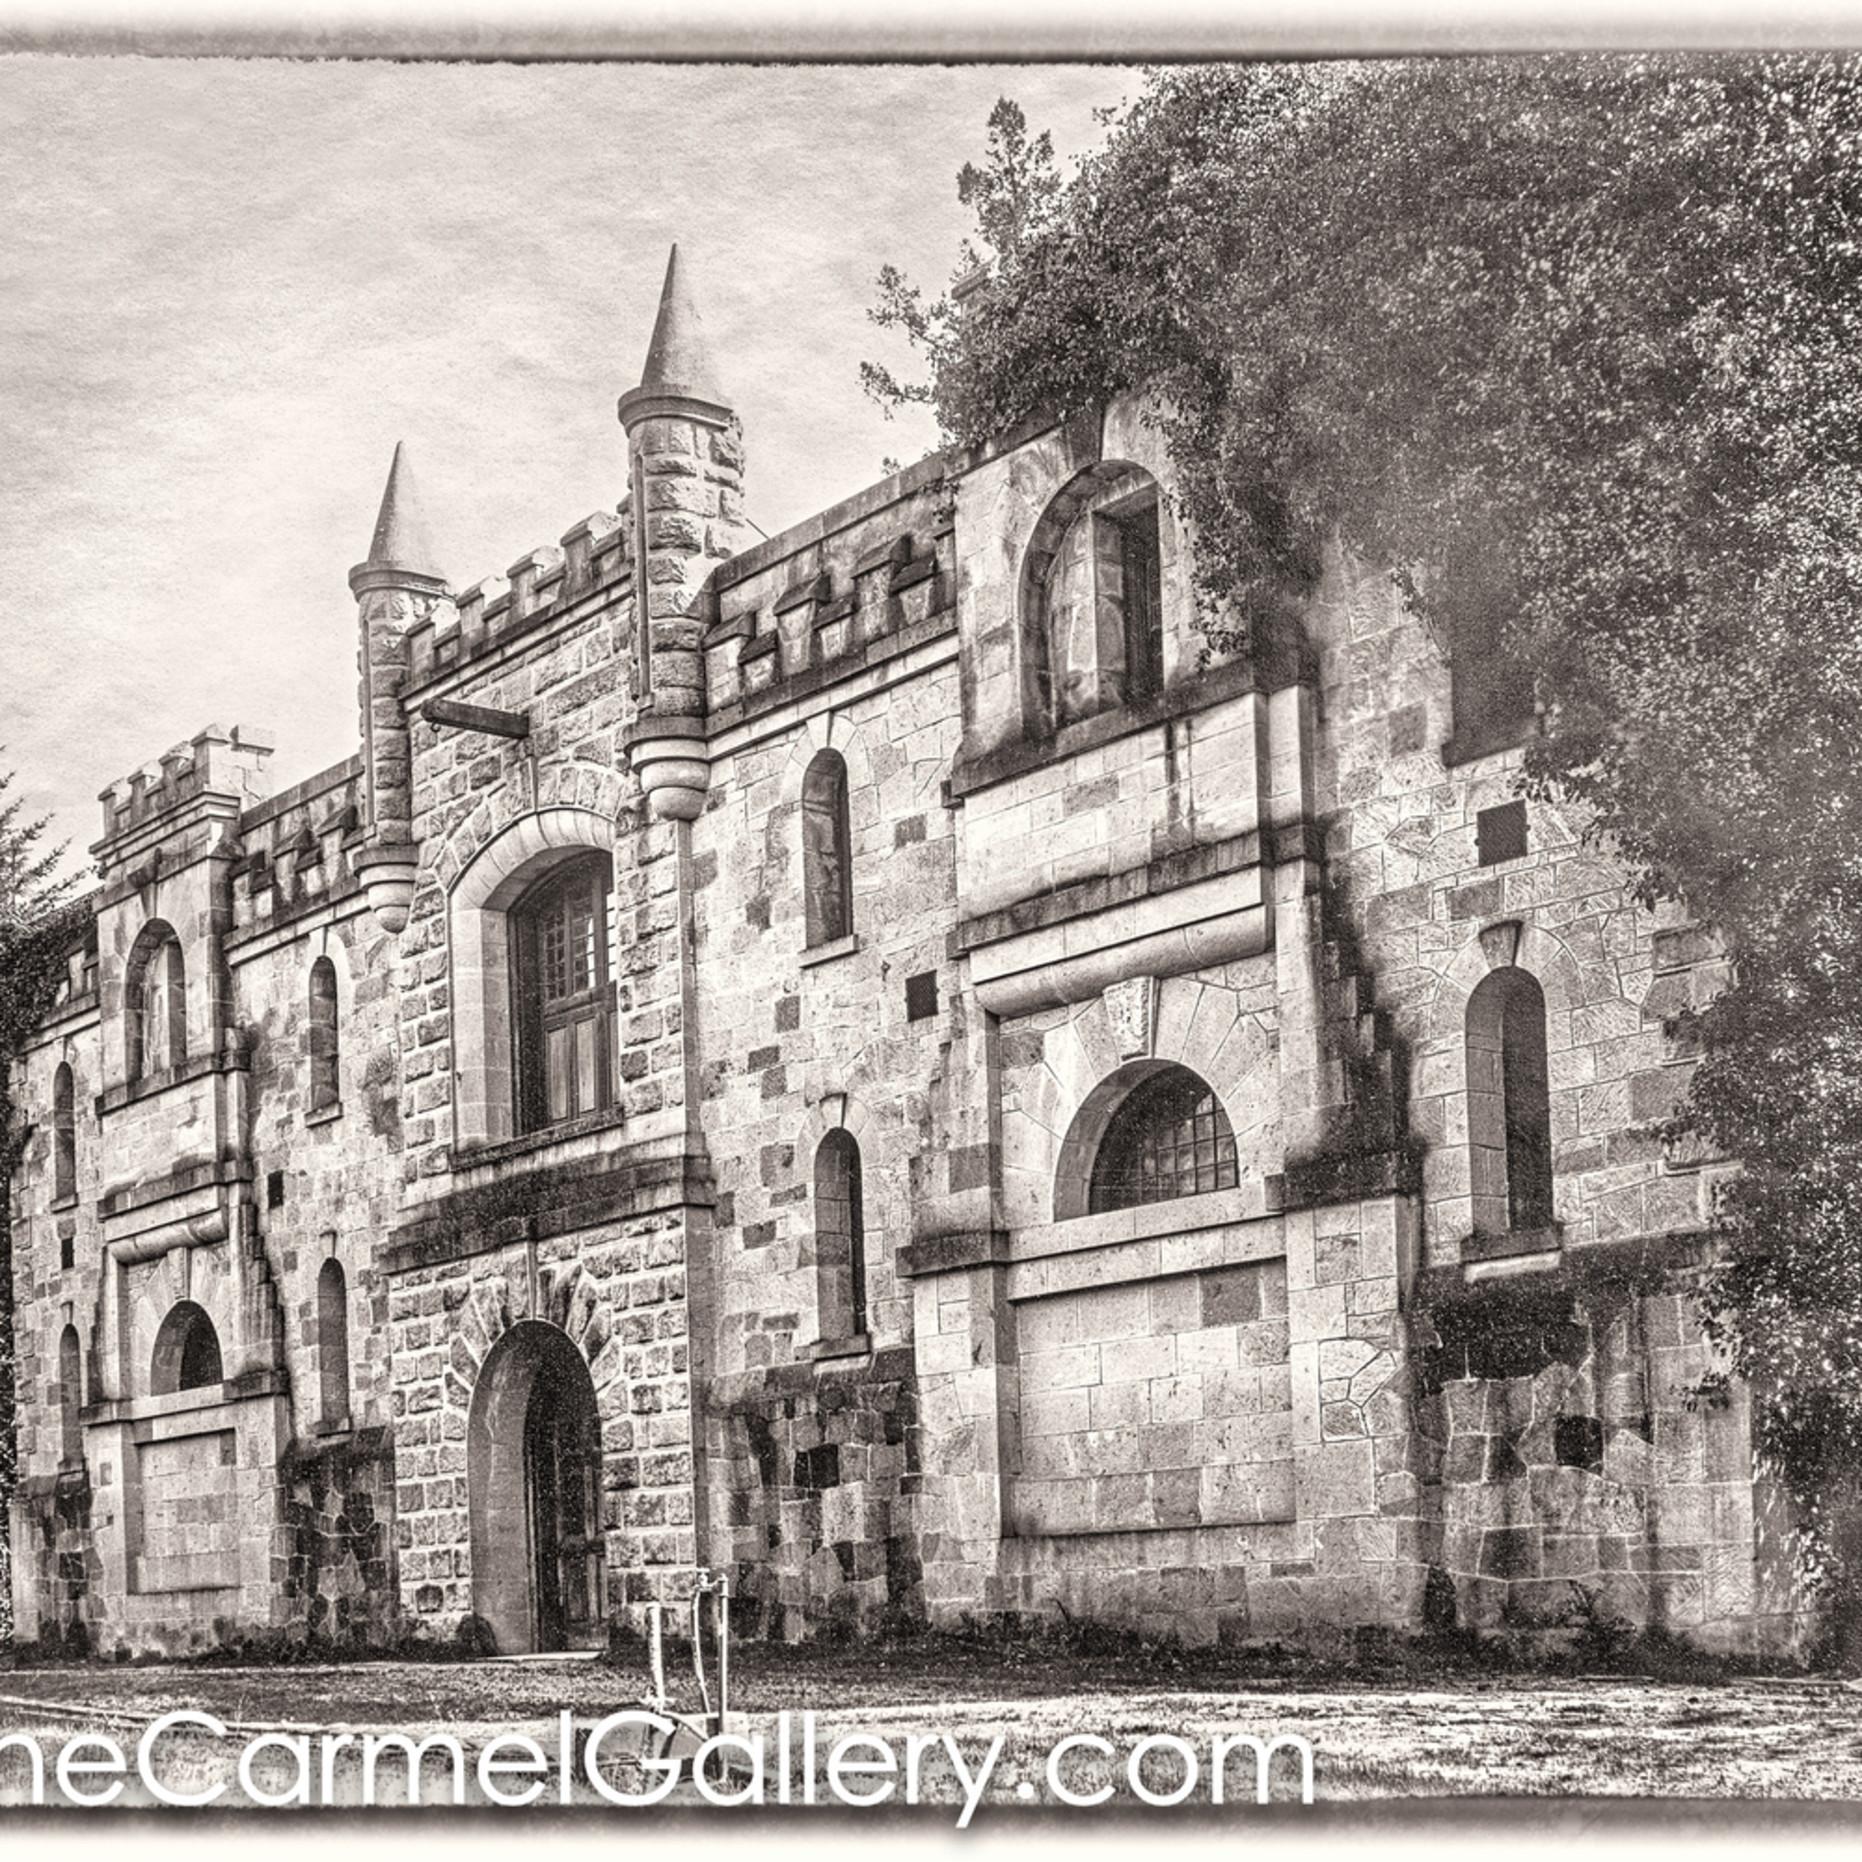 Chateau montelena tubbs wine cellar 1890 irjmei